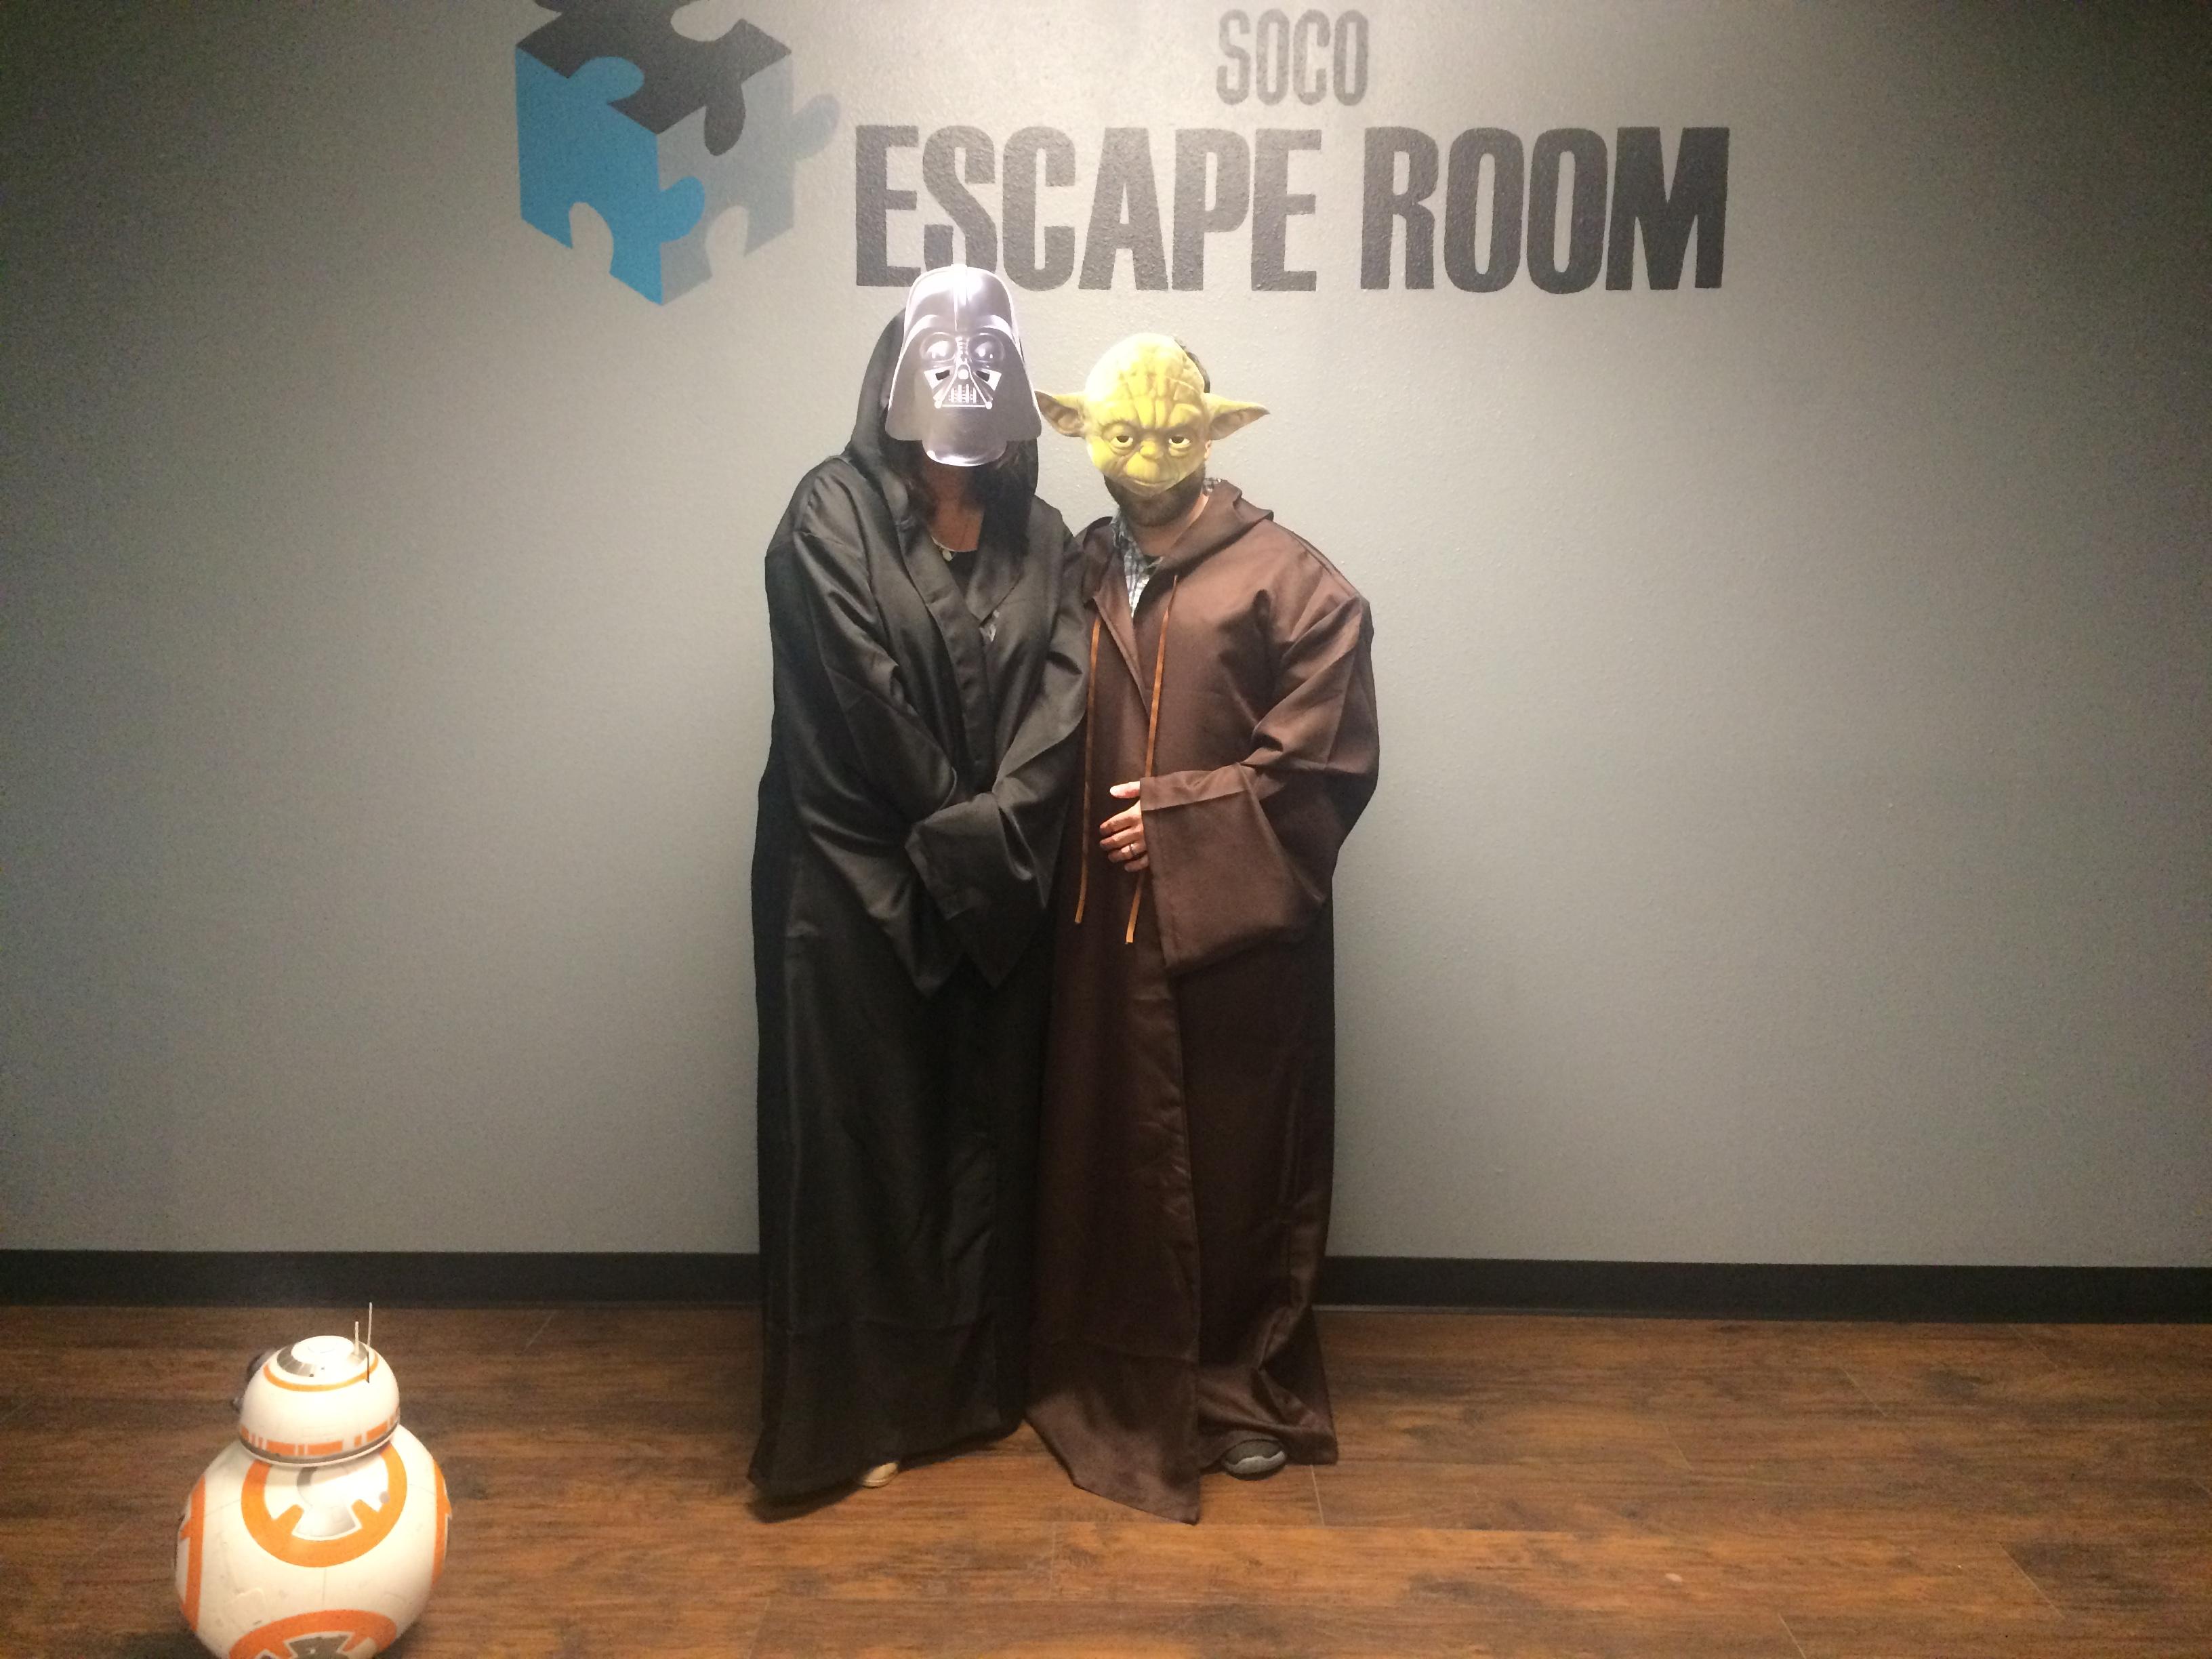 SoCo Escape Room image 12